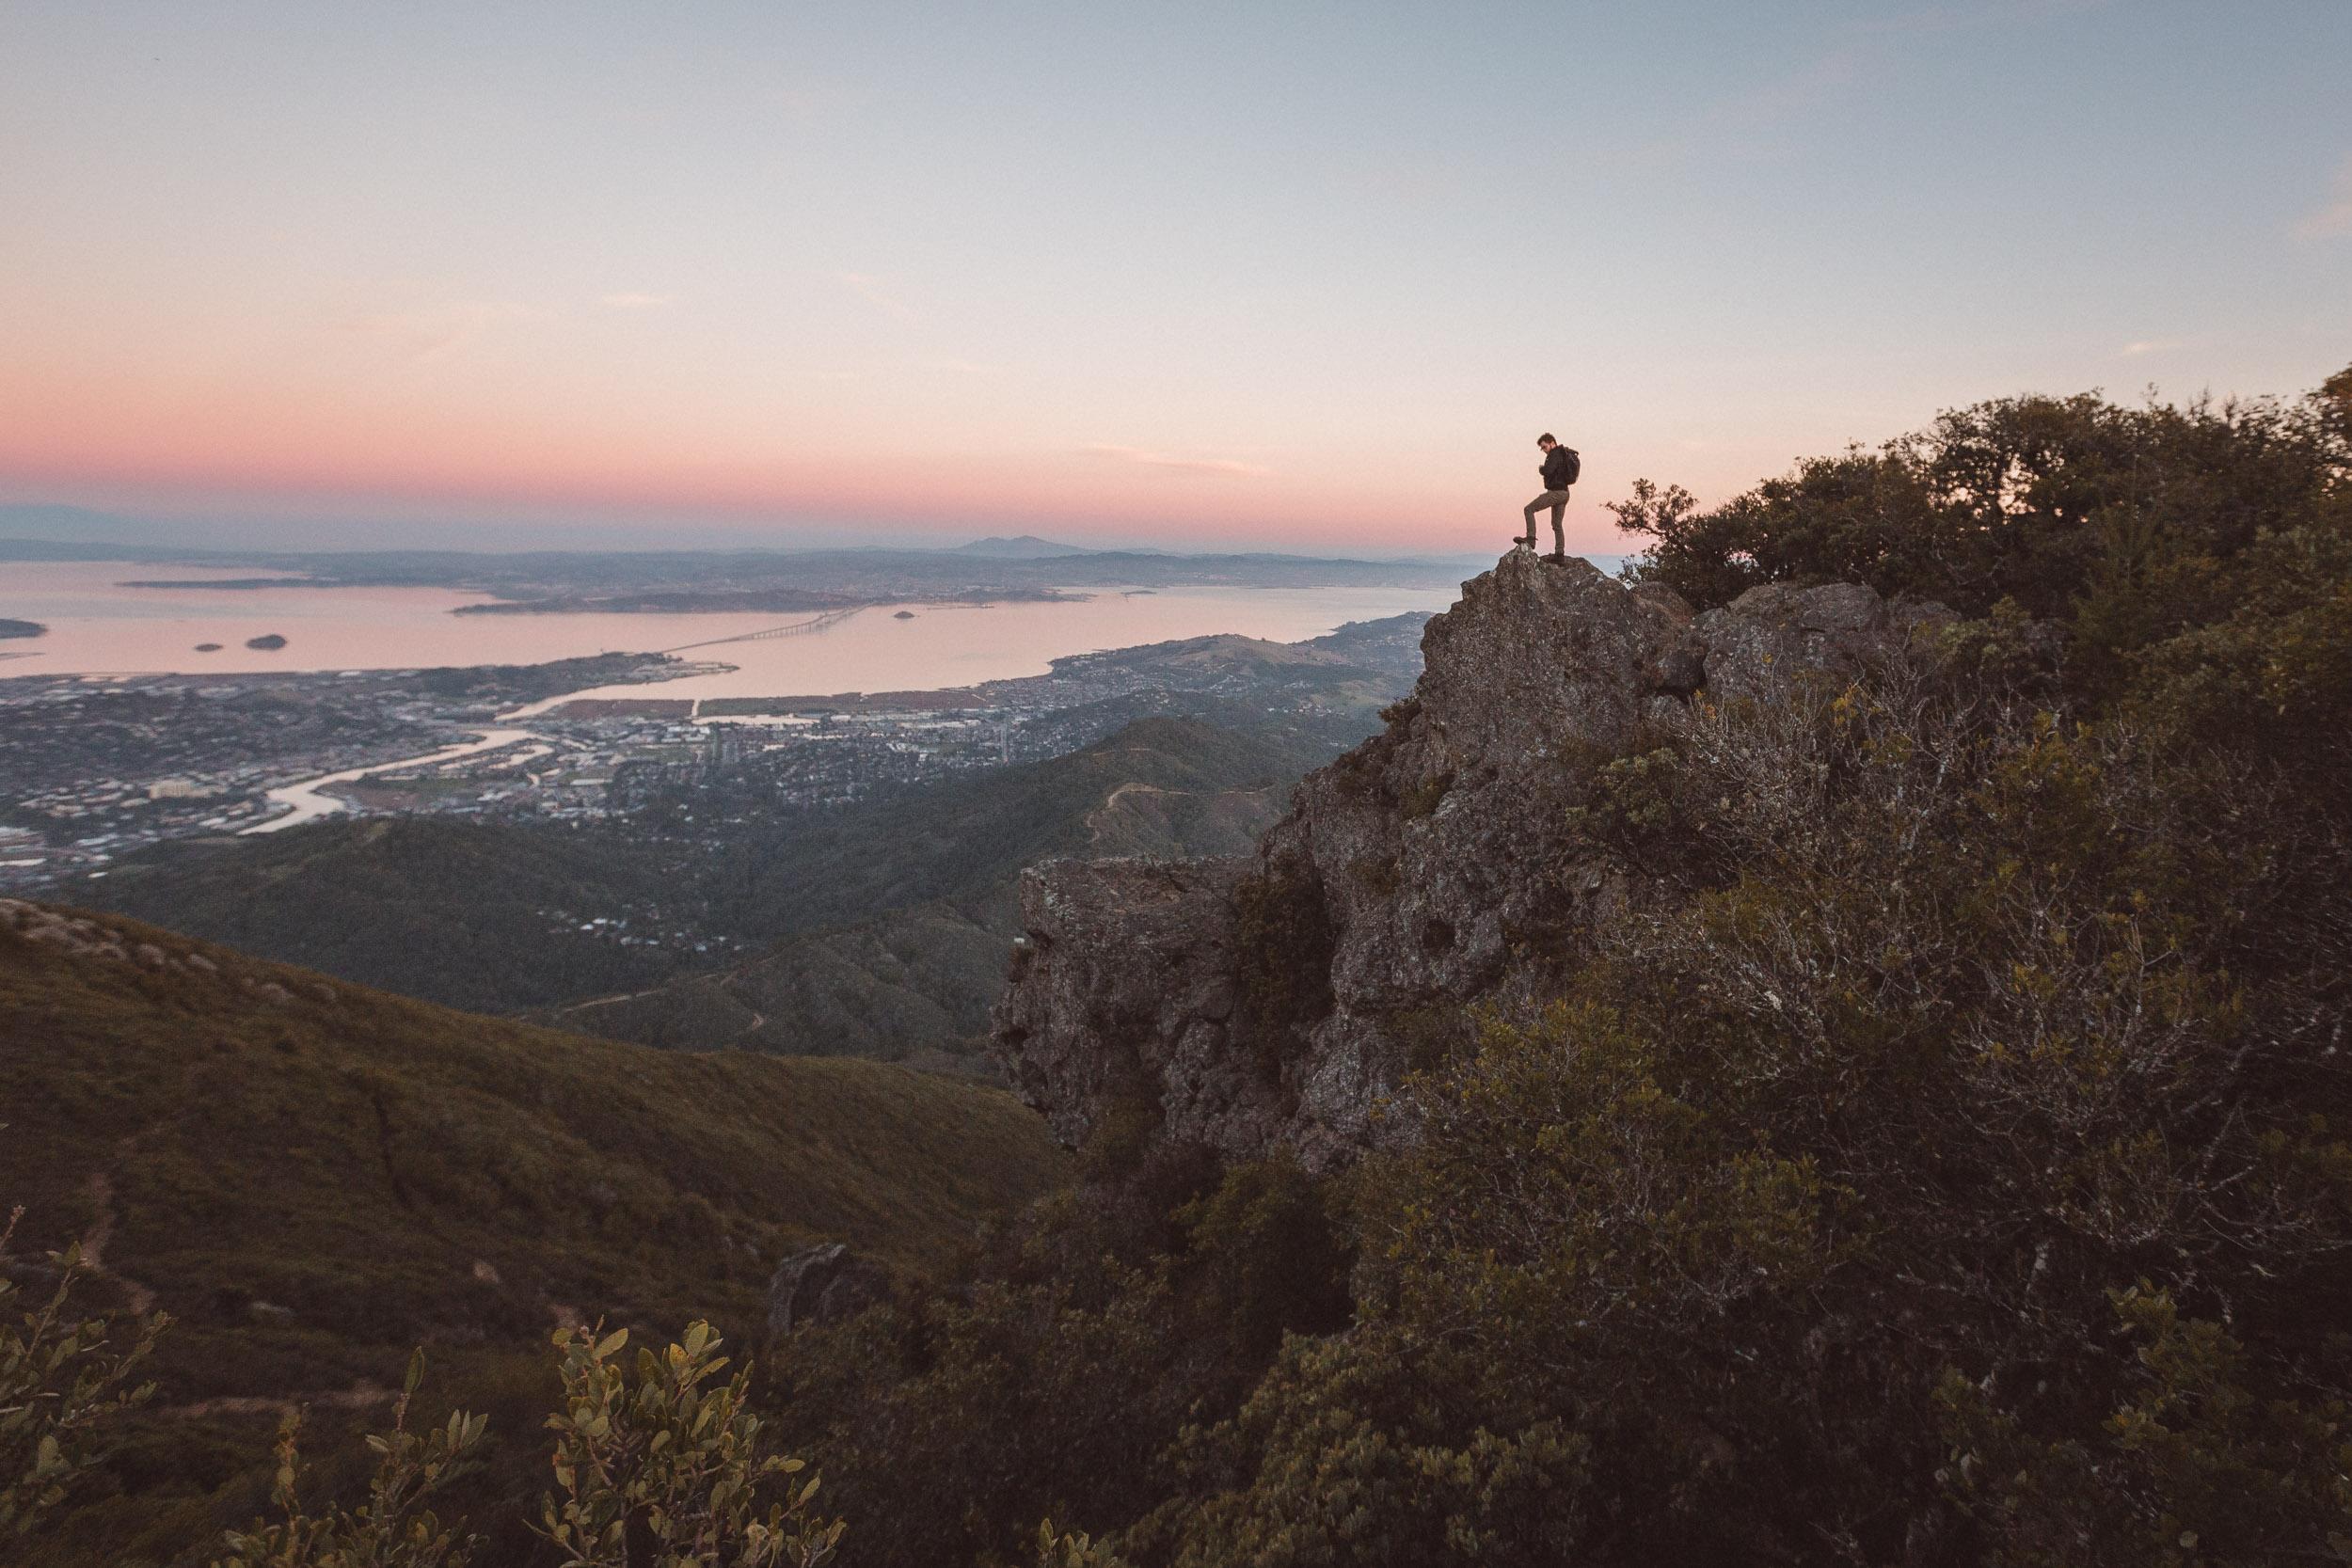 mount-tamalpais-east-peak-vista-hike-and-shoot-3.jpg